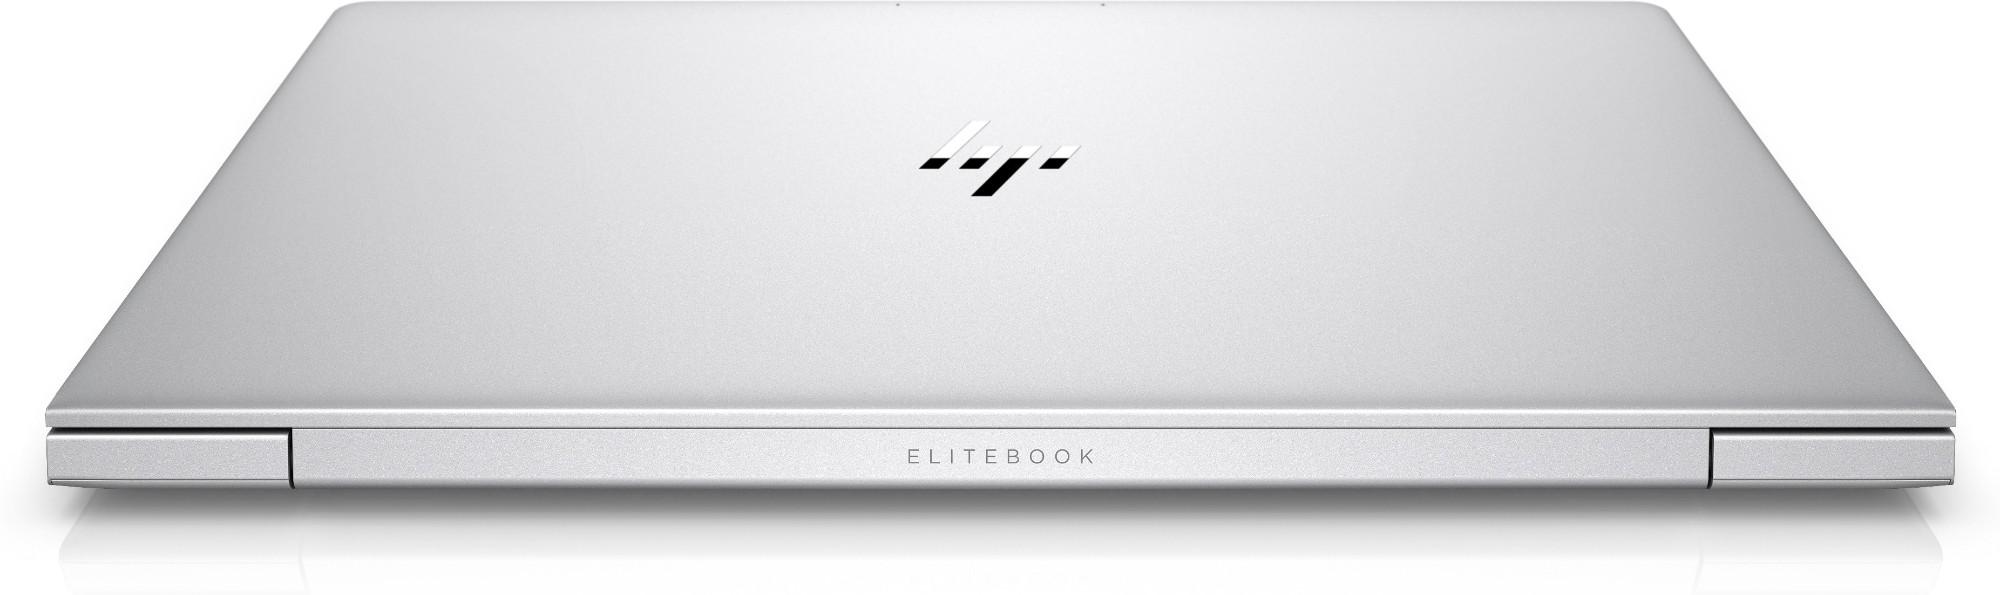 hp elitebook 840 g5 serial number